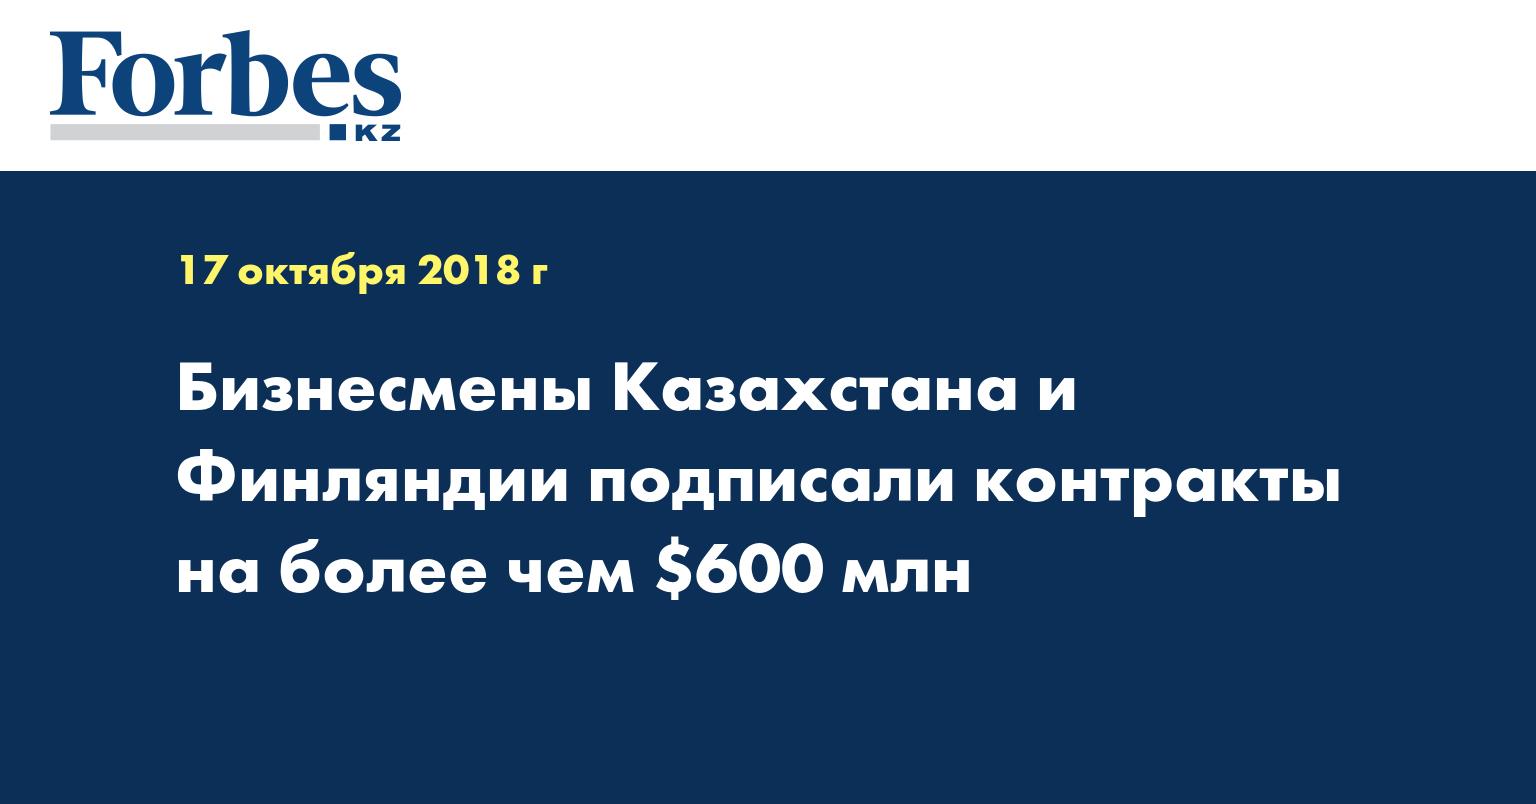 Бизнесмены Казахстана и Финляндии подписали контракты на более чем $600 млн